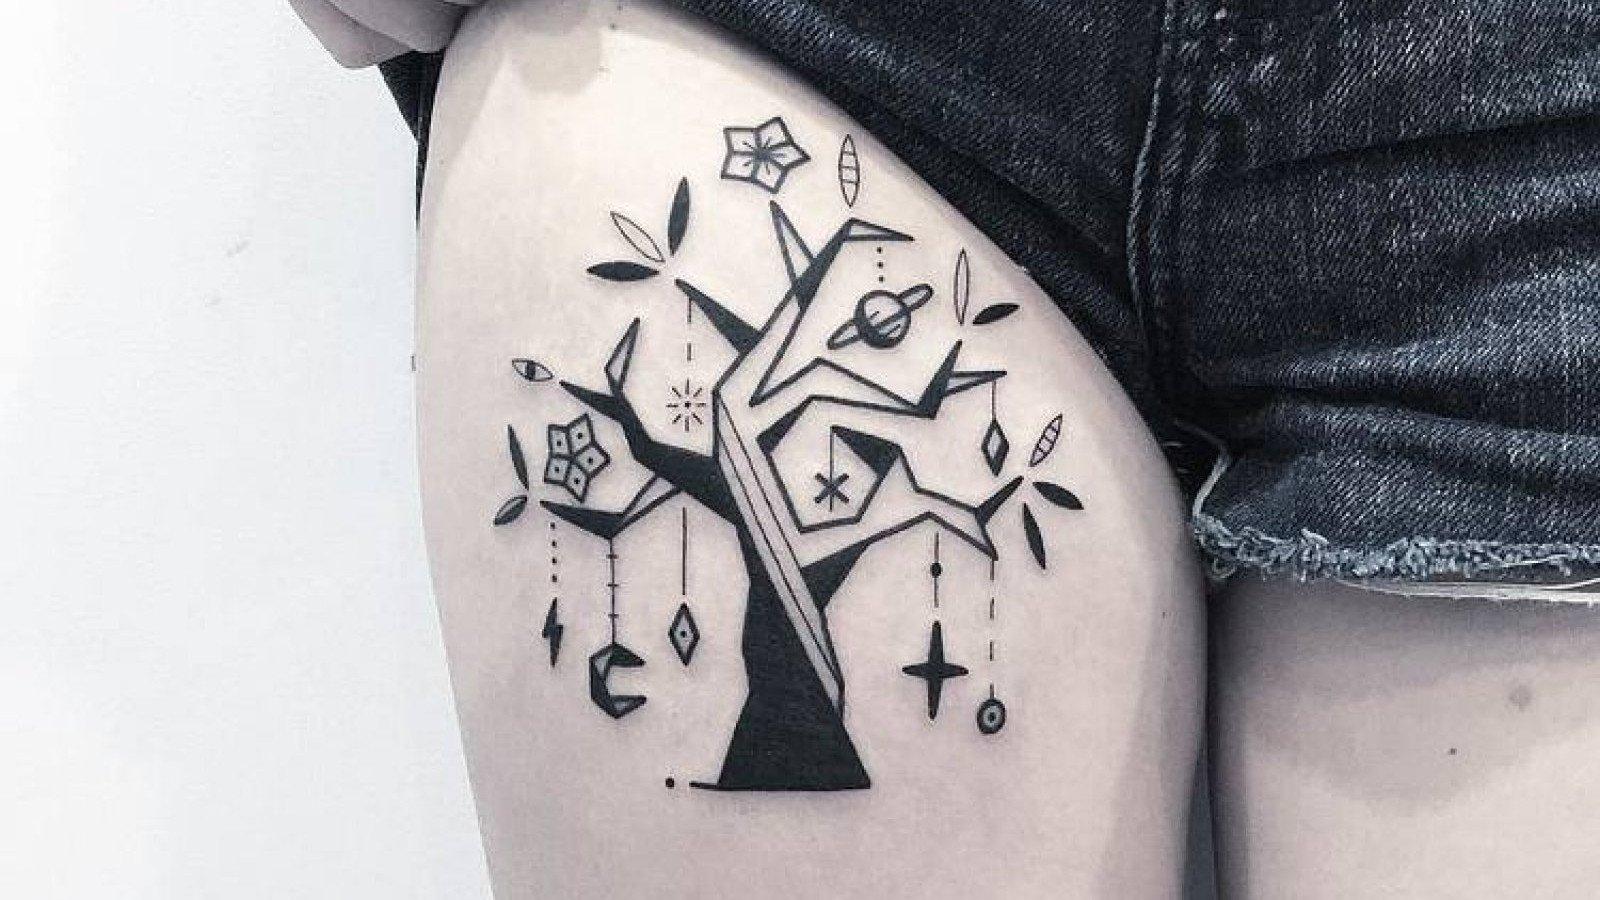 Tatuaje estilo Blackwork.